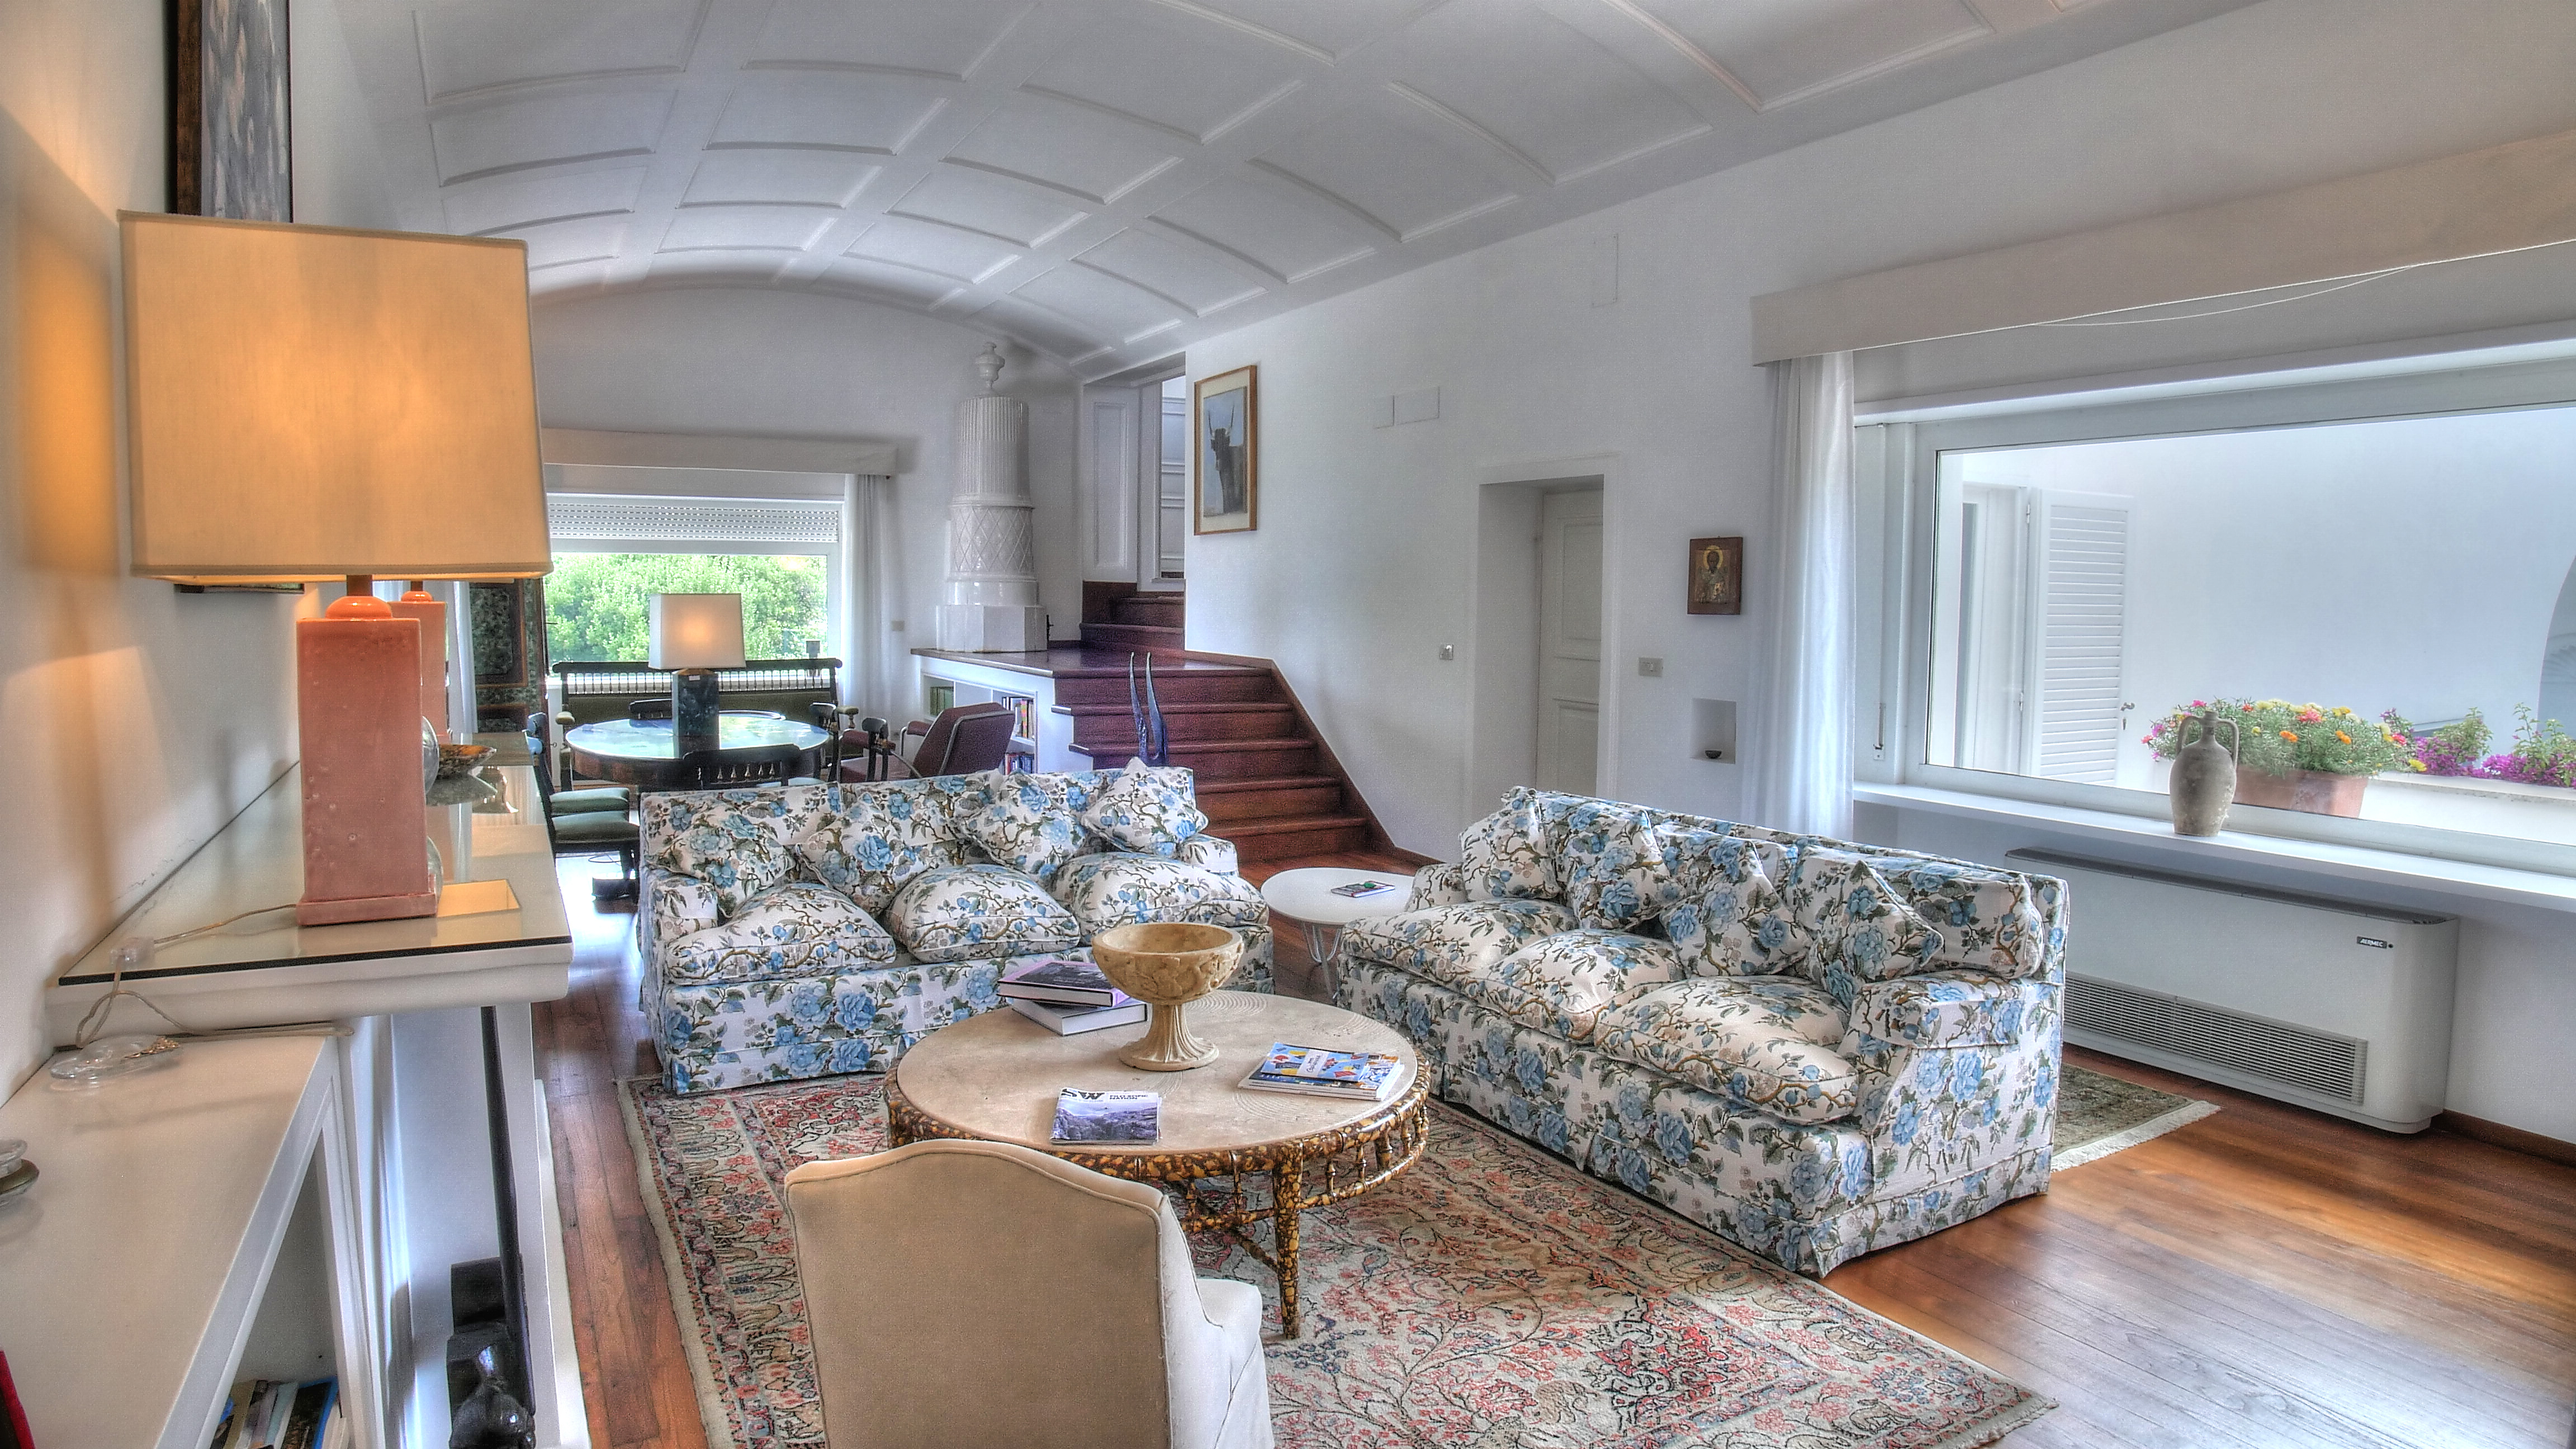 ISLAND OF CAPRI ITALY ESTATE SITTING ROOM ATRIUM